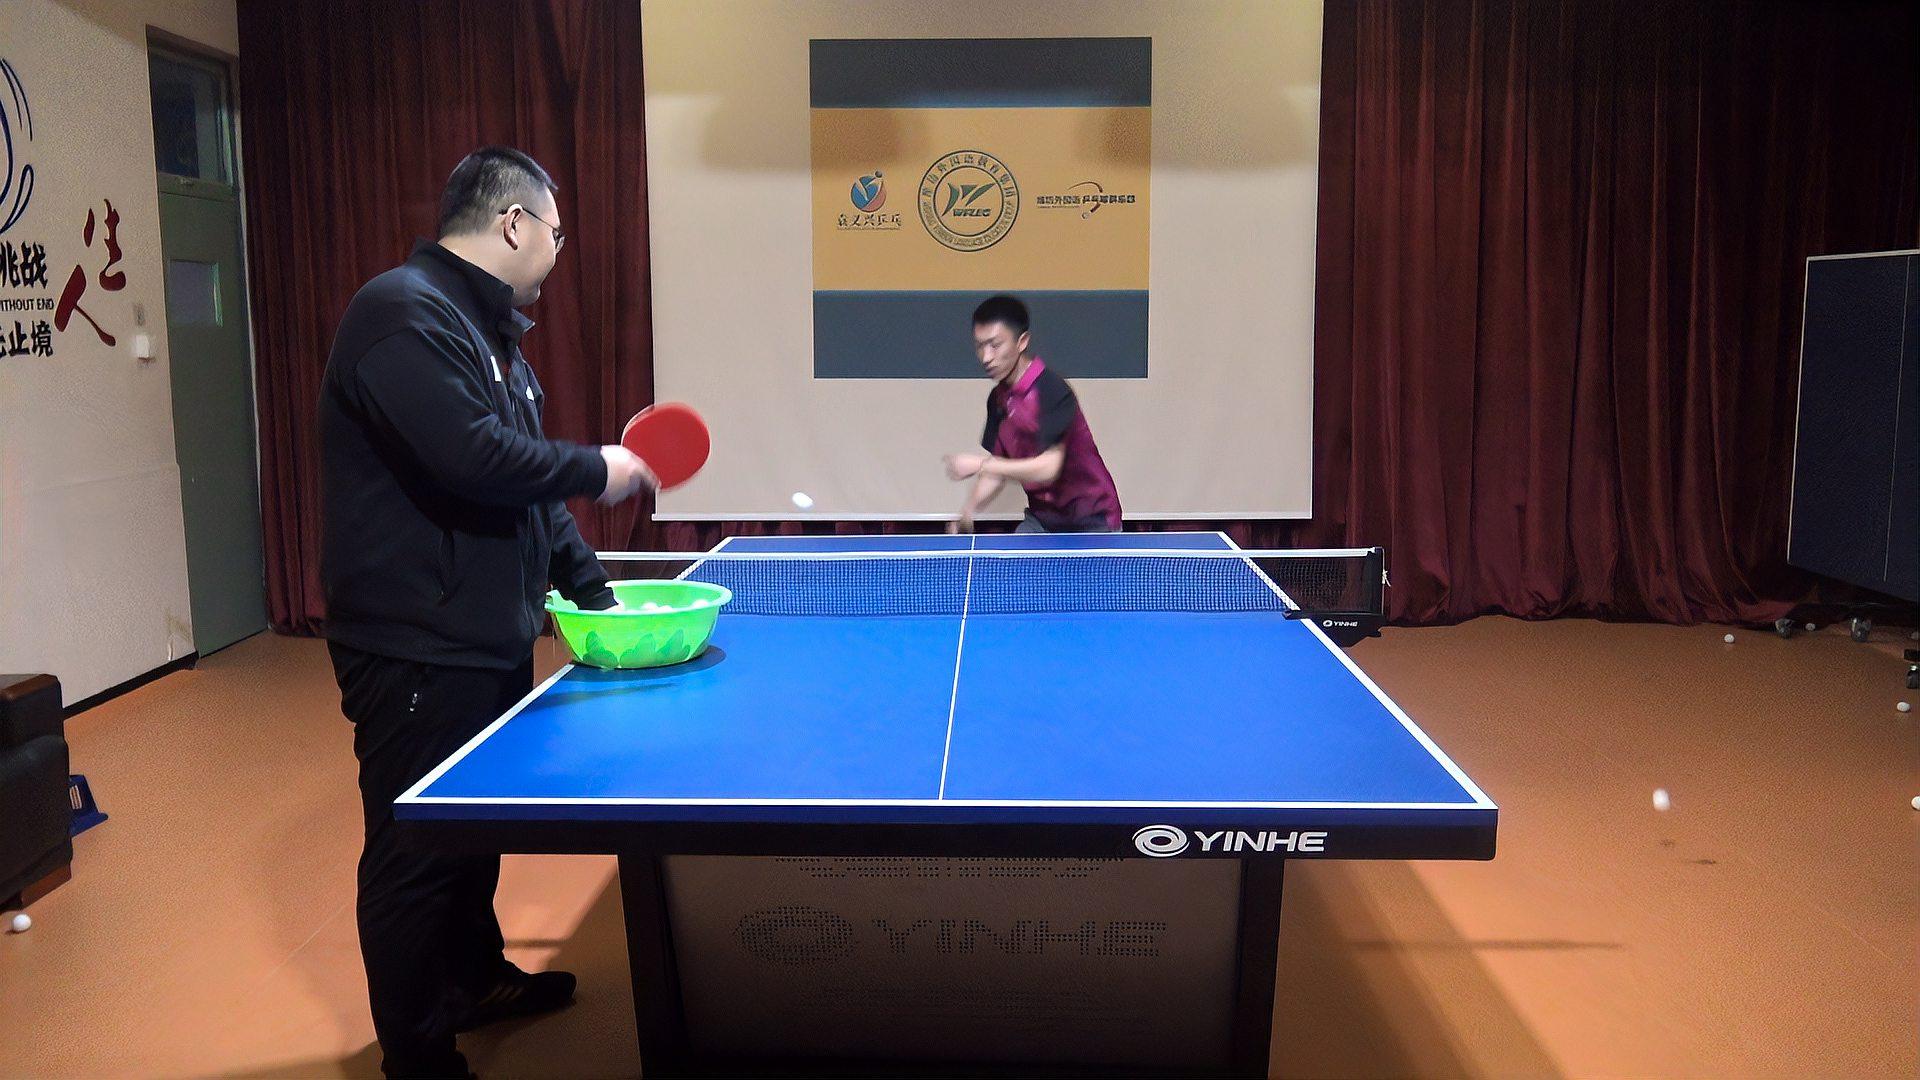 打乒乓球移动时,是脚先动还是躯干先动?